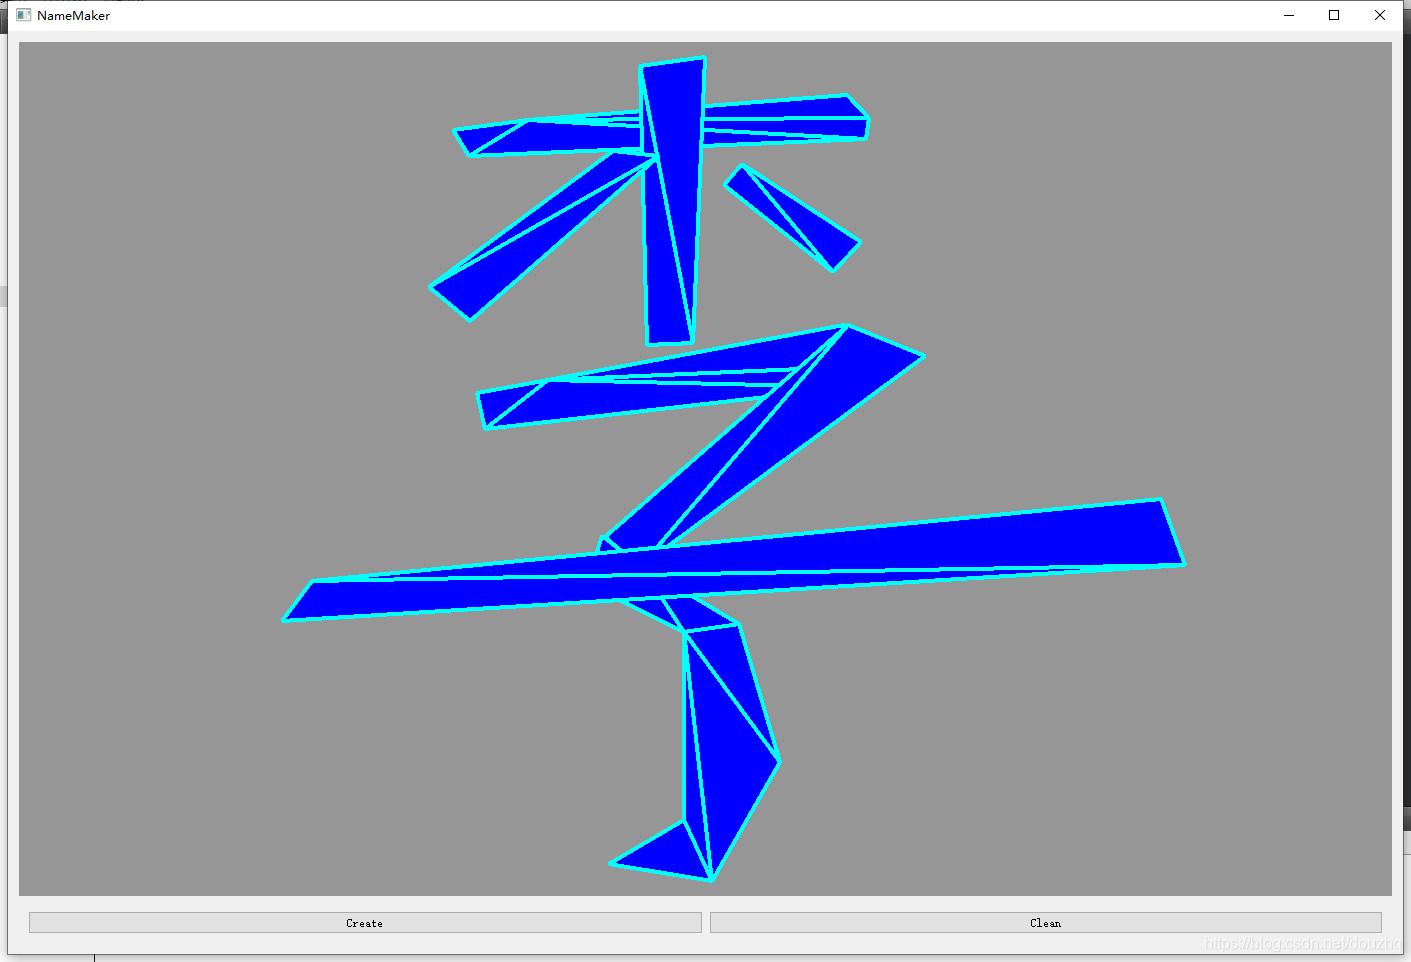 Qt趣味开发之打造一个3D名字渲染器